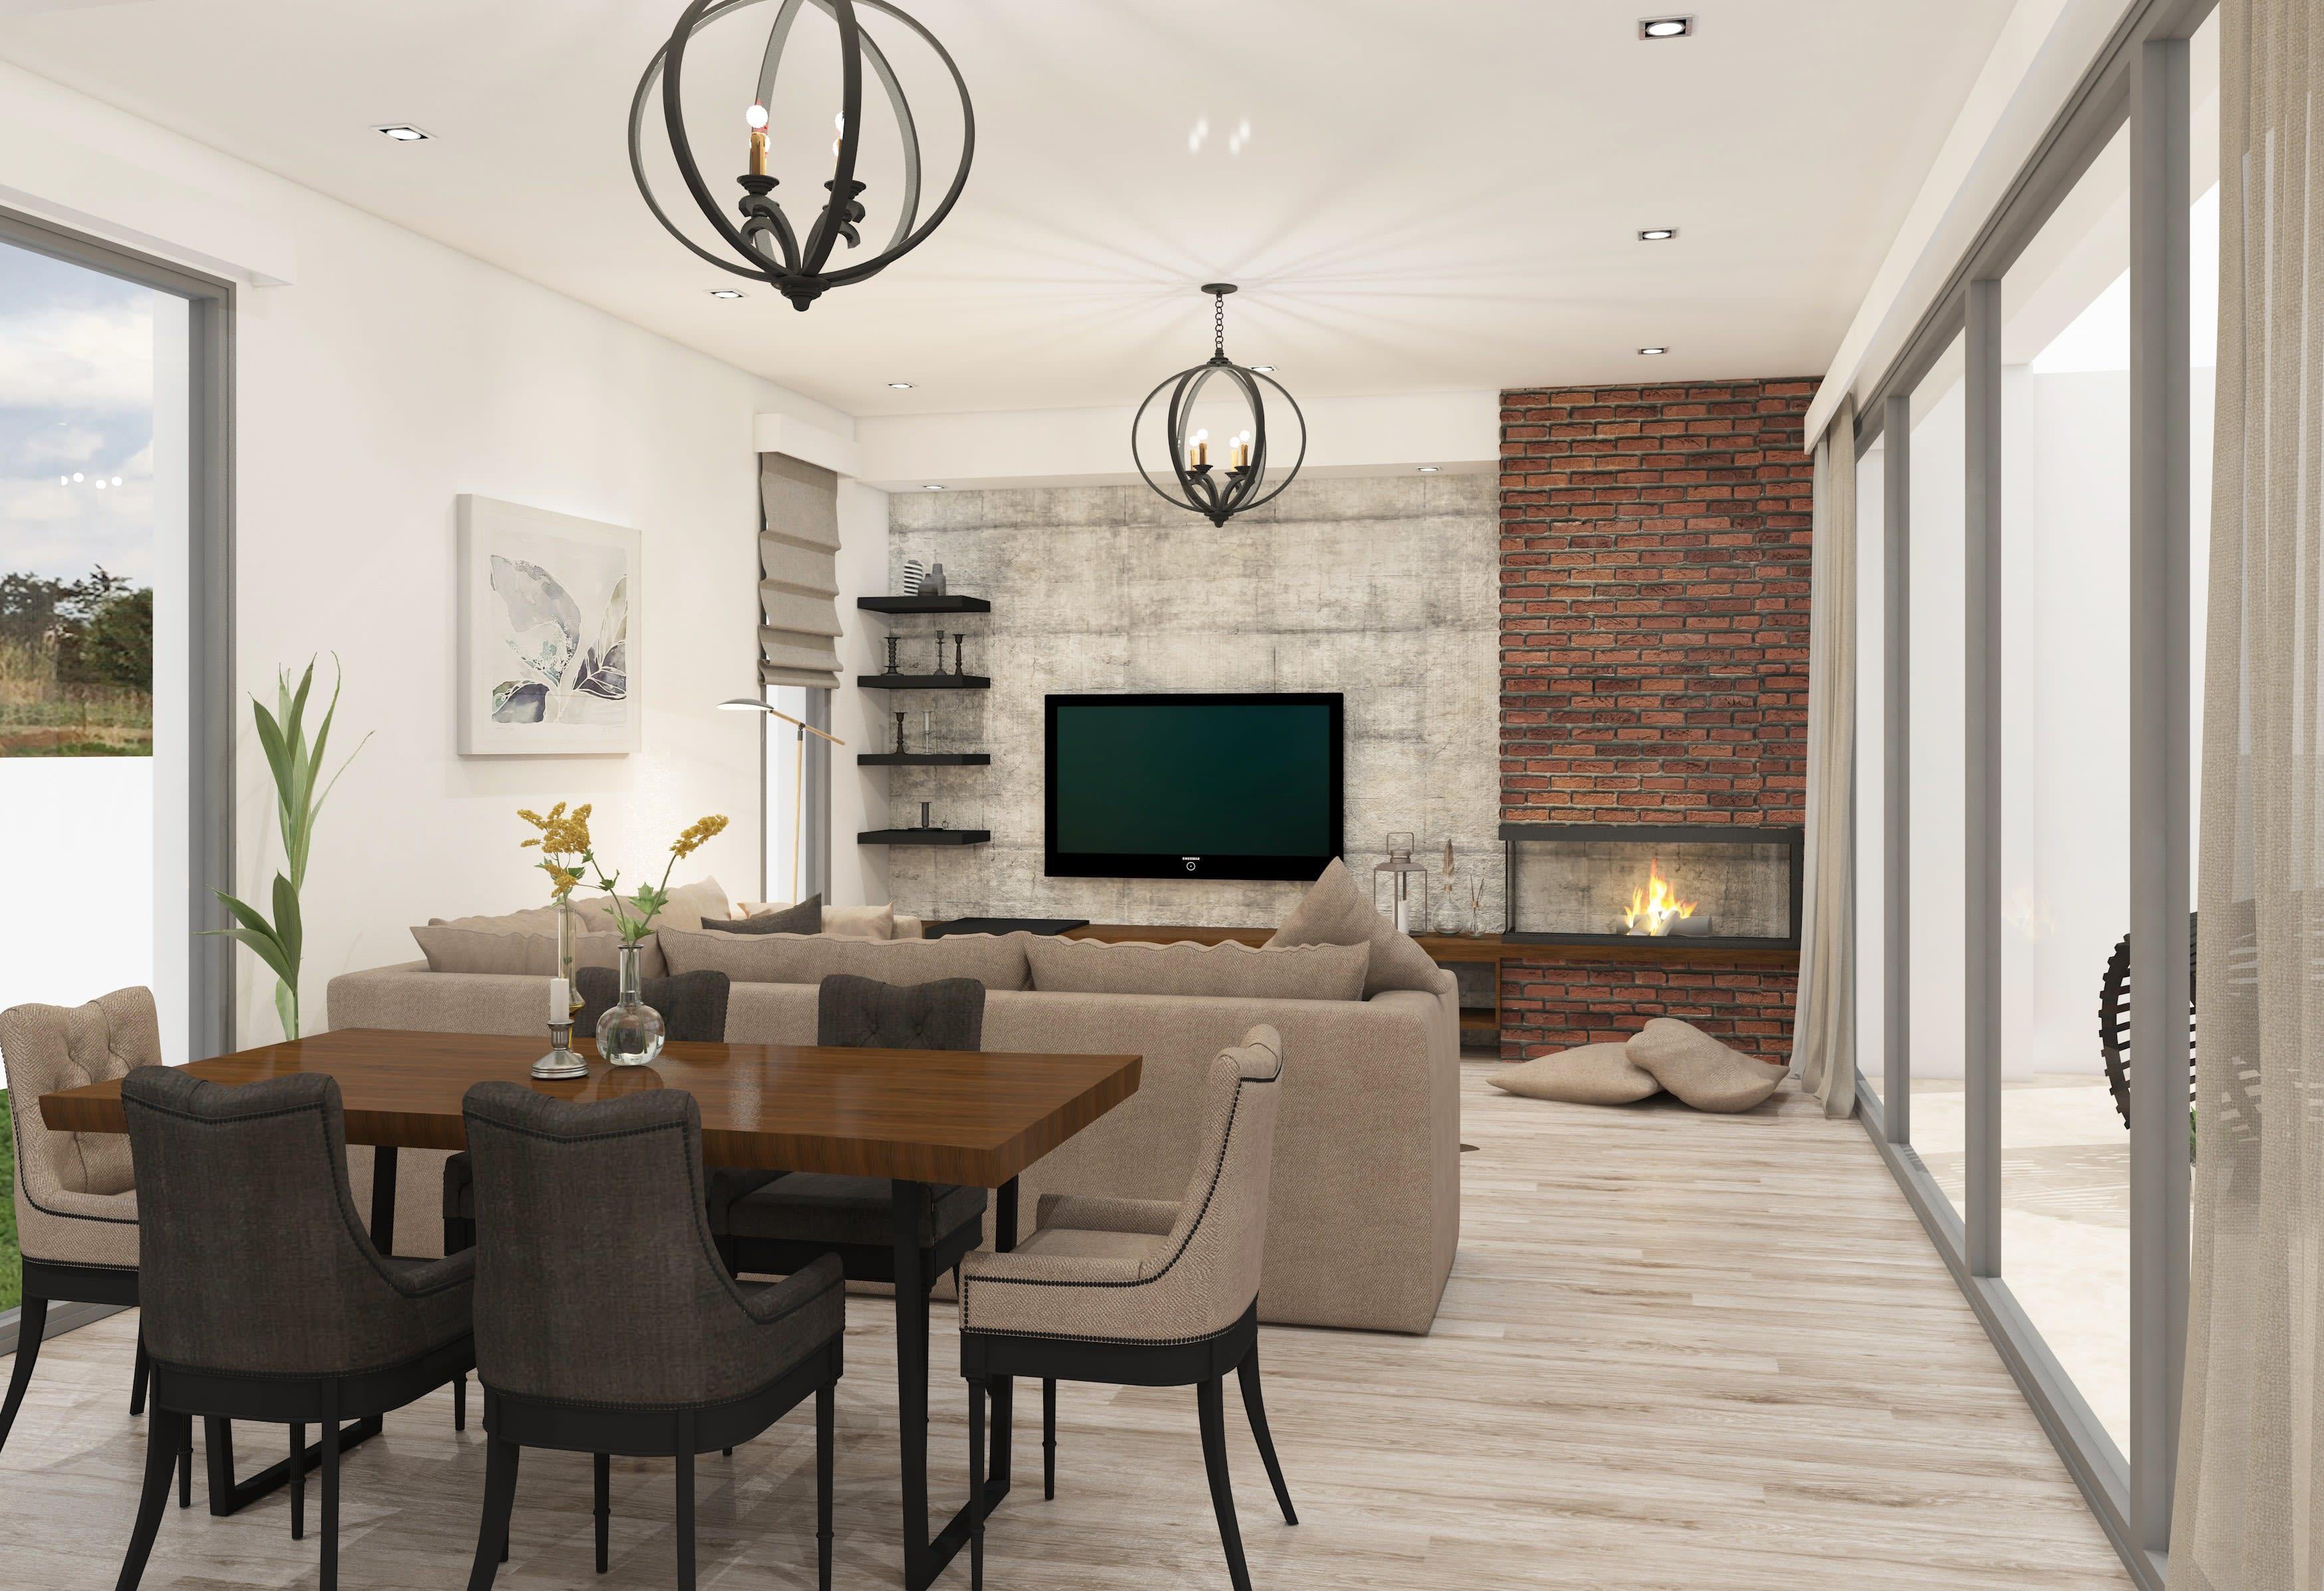 Çatalköy'de Satılık 3 Yatak Odalı Lüks Villalar 7930